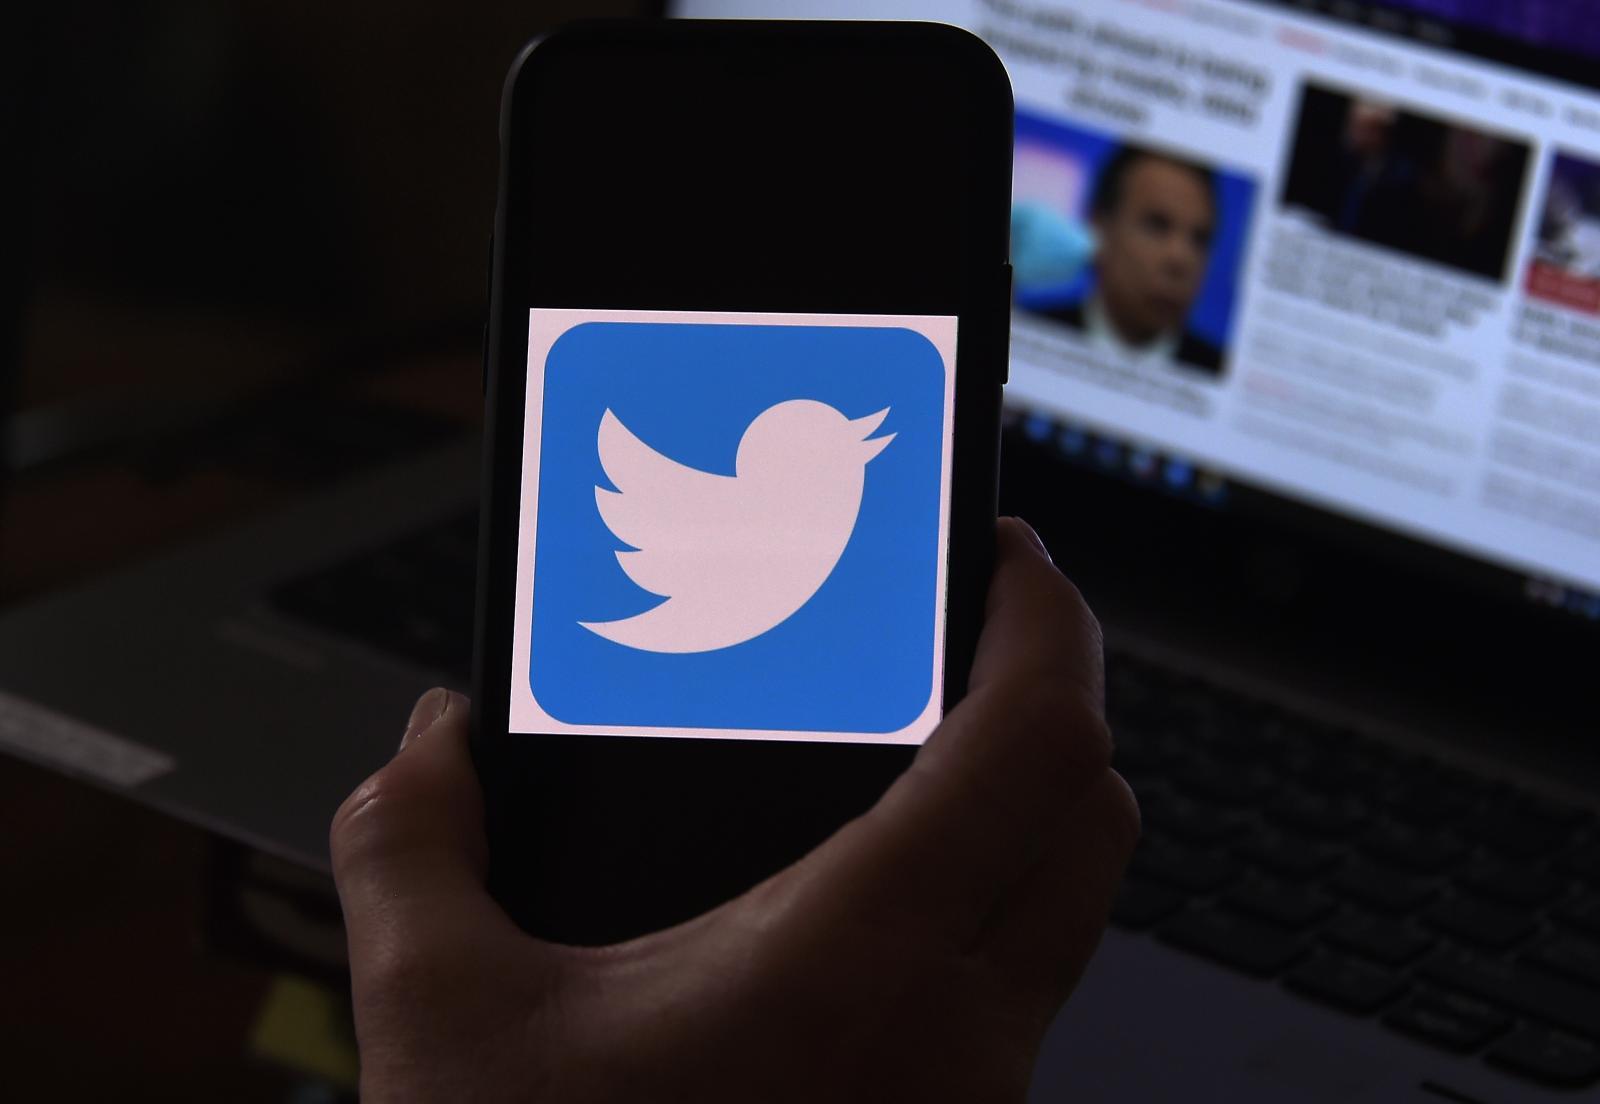 """""""ทวิตเตอร์"""" ล่มทั่วโลกครั้งใหญ่ พบปัญหาระบบจากภายใน"""